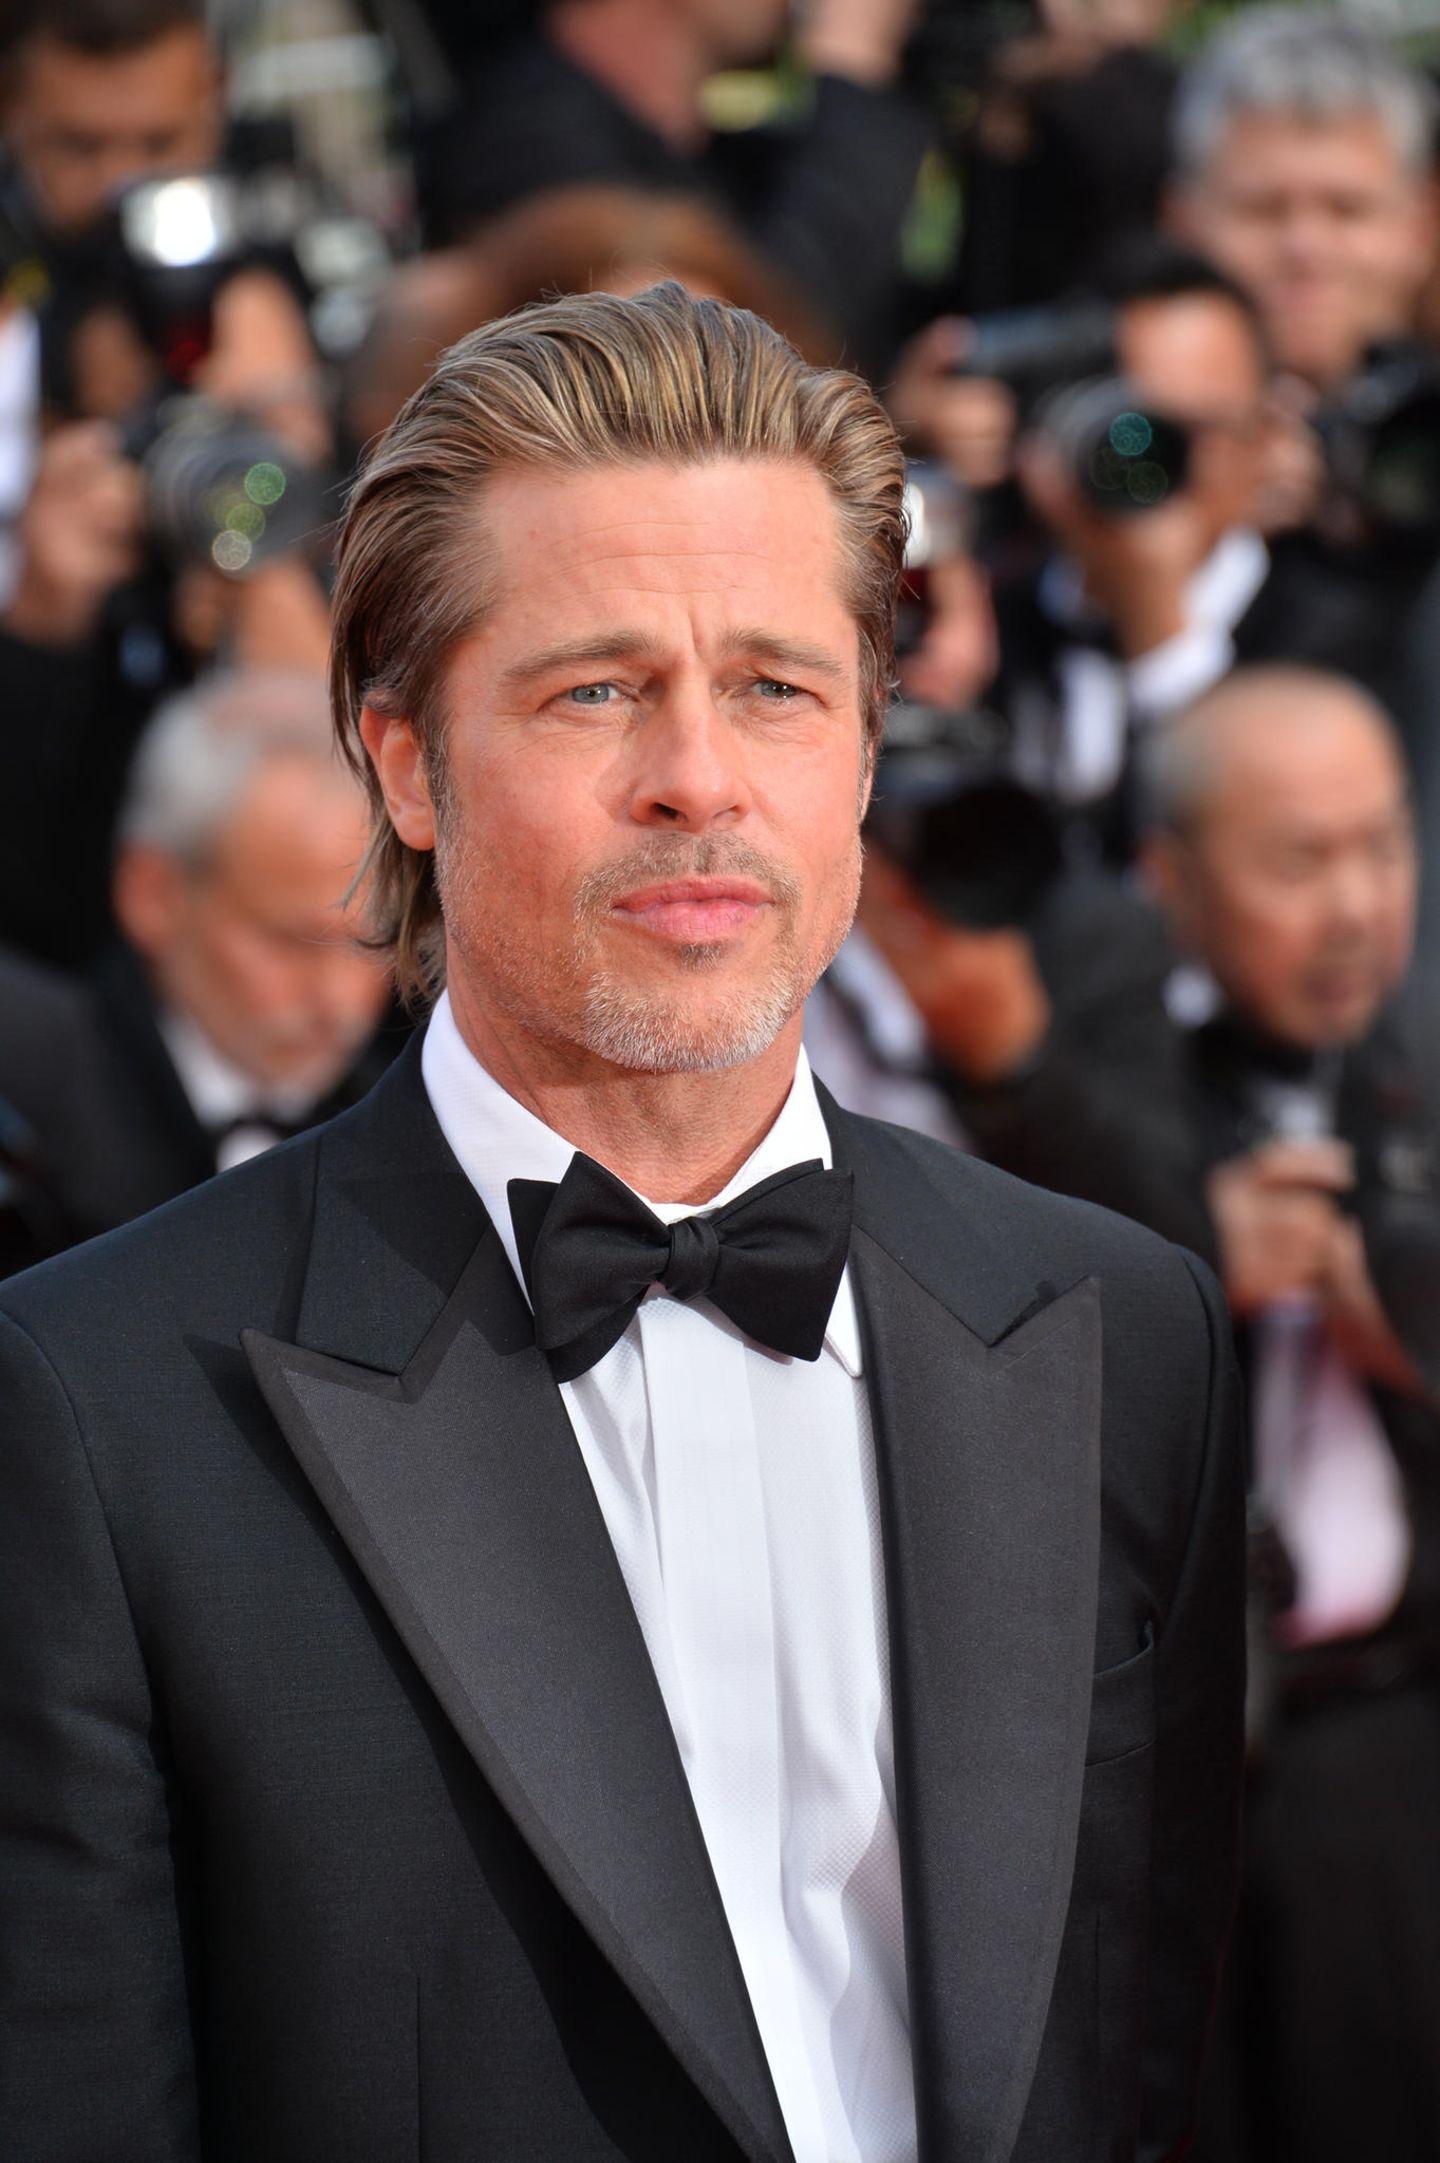 Brad Pitt - neuer Tarantino-Film